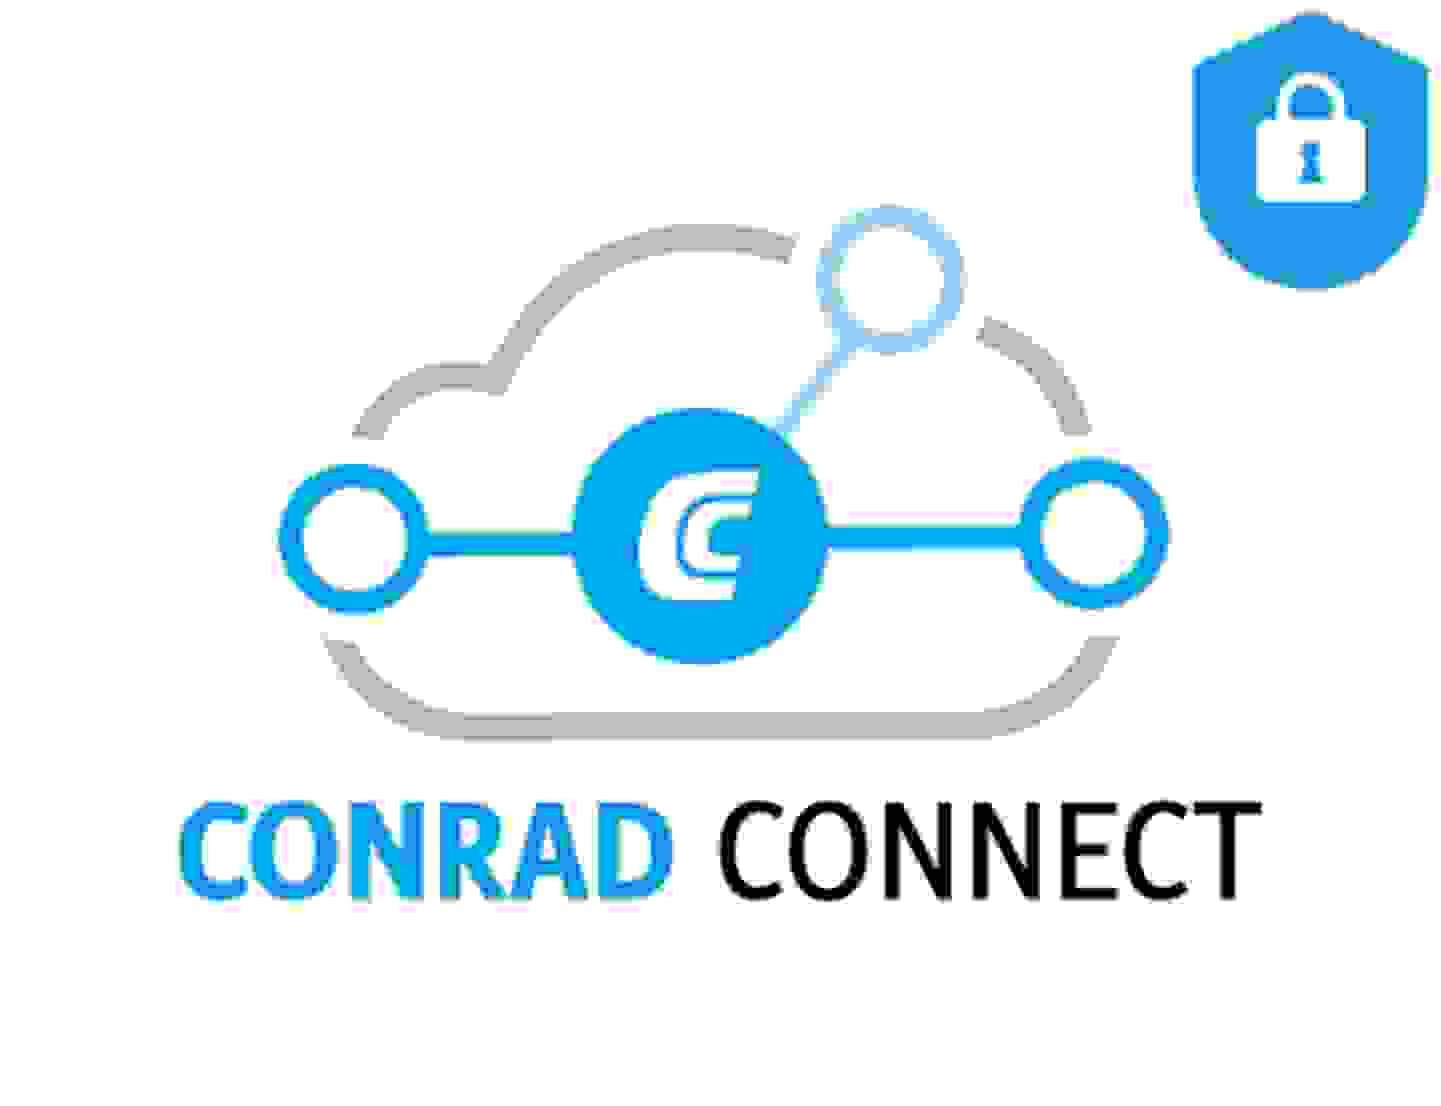 Ihre Daten sind bei Conrad Connect sicher